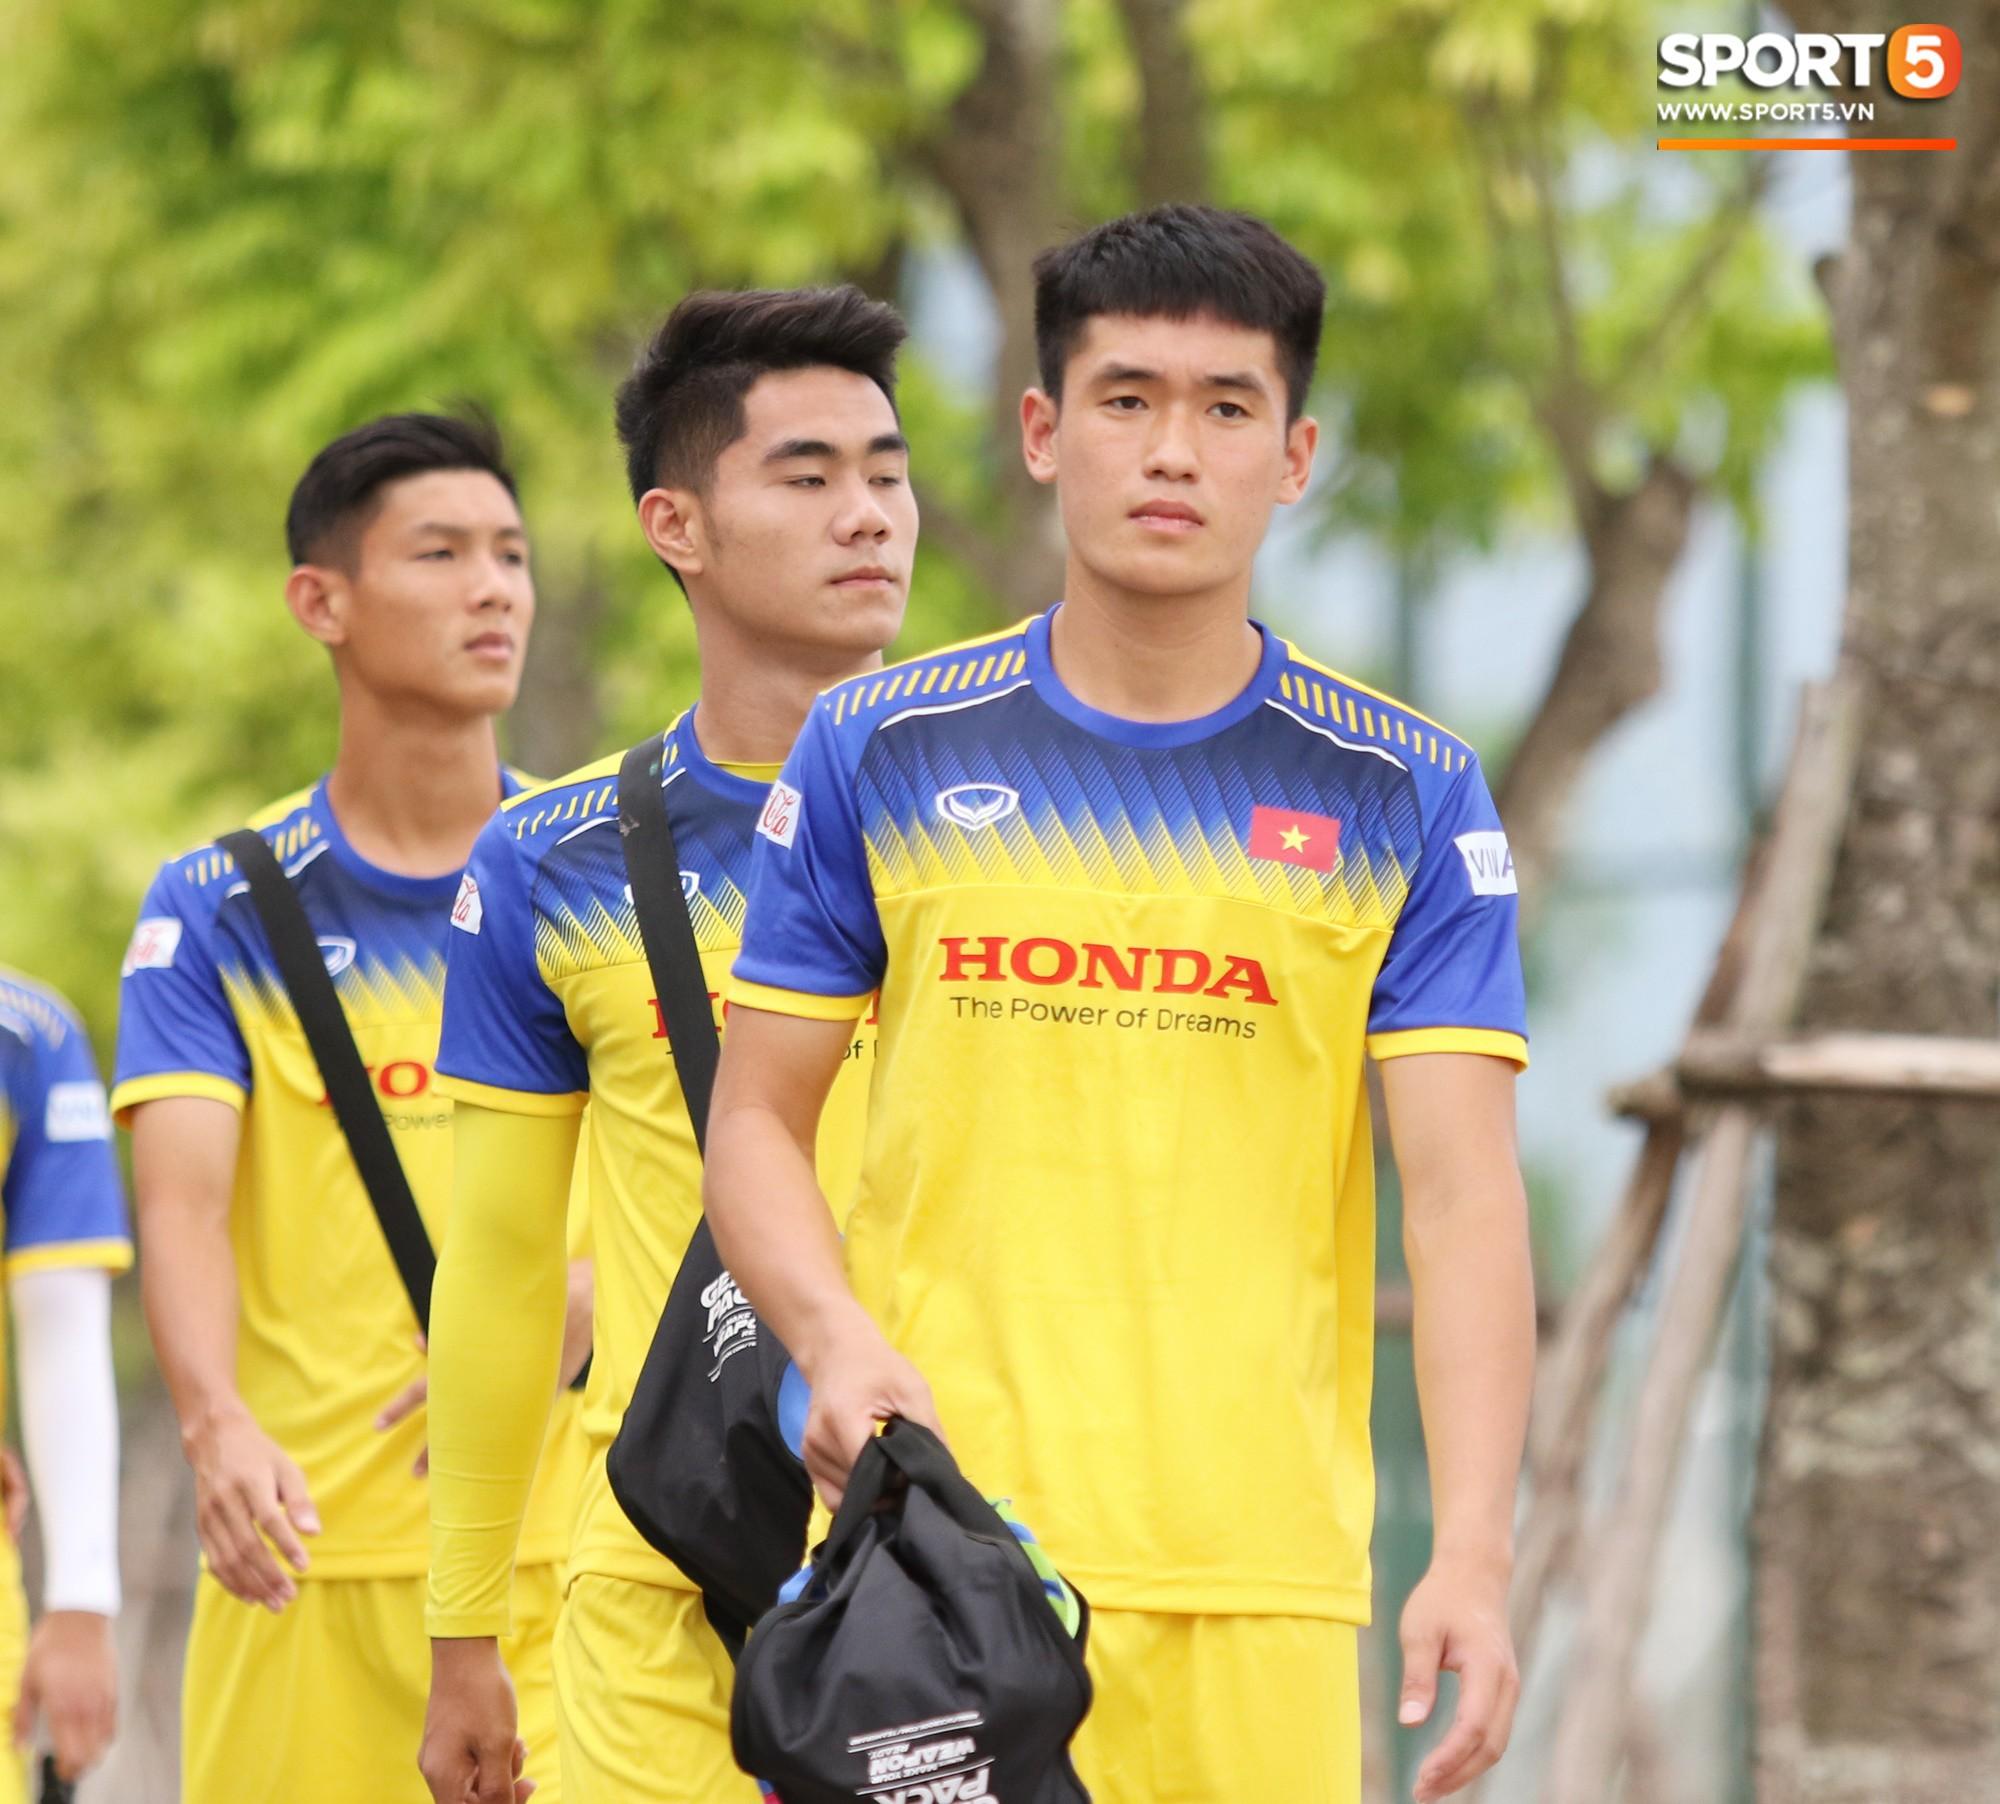 HLV Park Hang Seo đè đầu cưỡi cổ học trò trong buổi tập trước trận giao hữu với Viettel-5